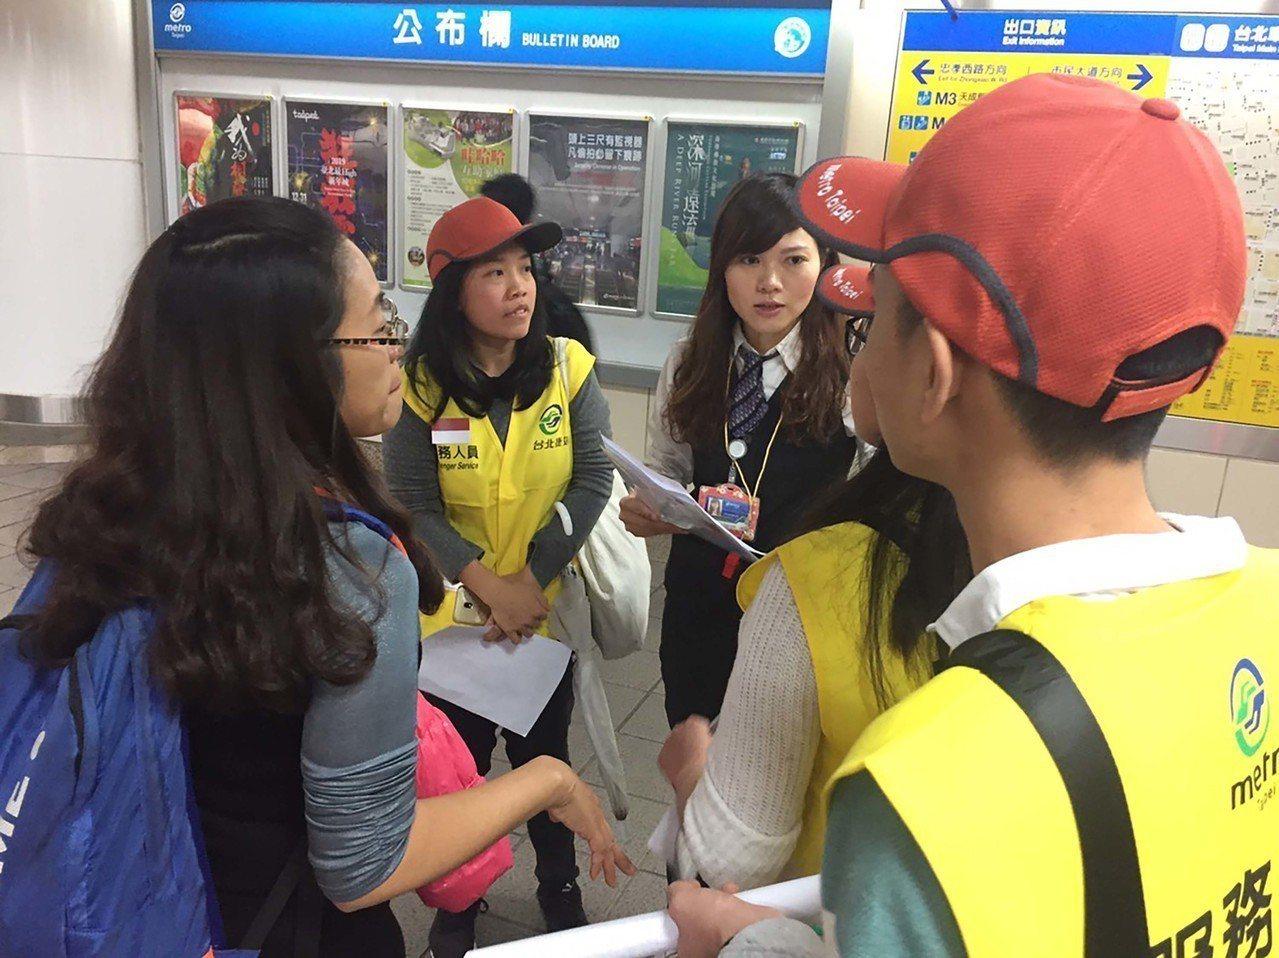 台北捷運公司和台灣外籍勞動者發展協會合作,找了12名越南和印尼籍志工,31日晚上...